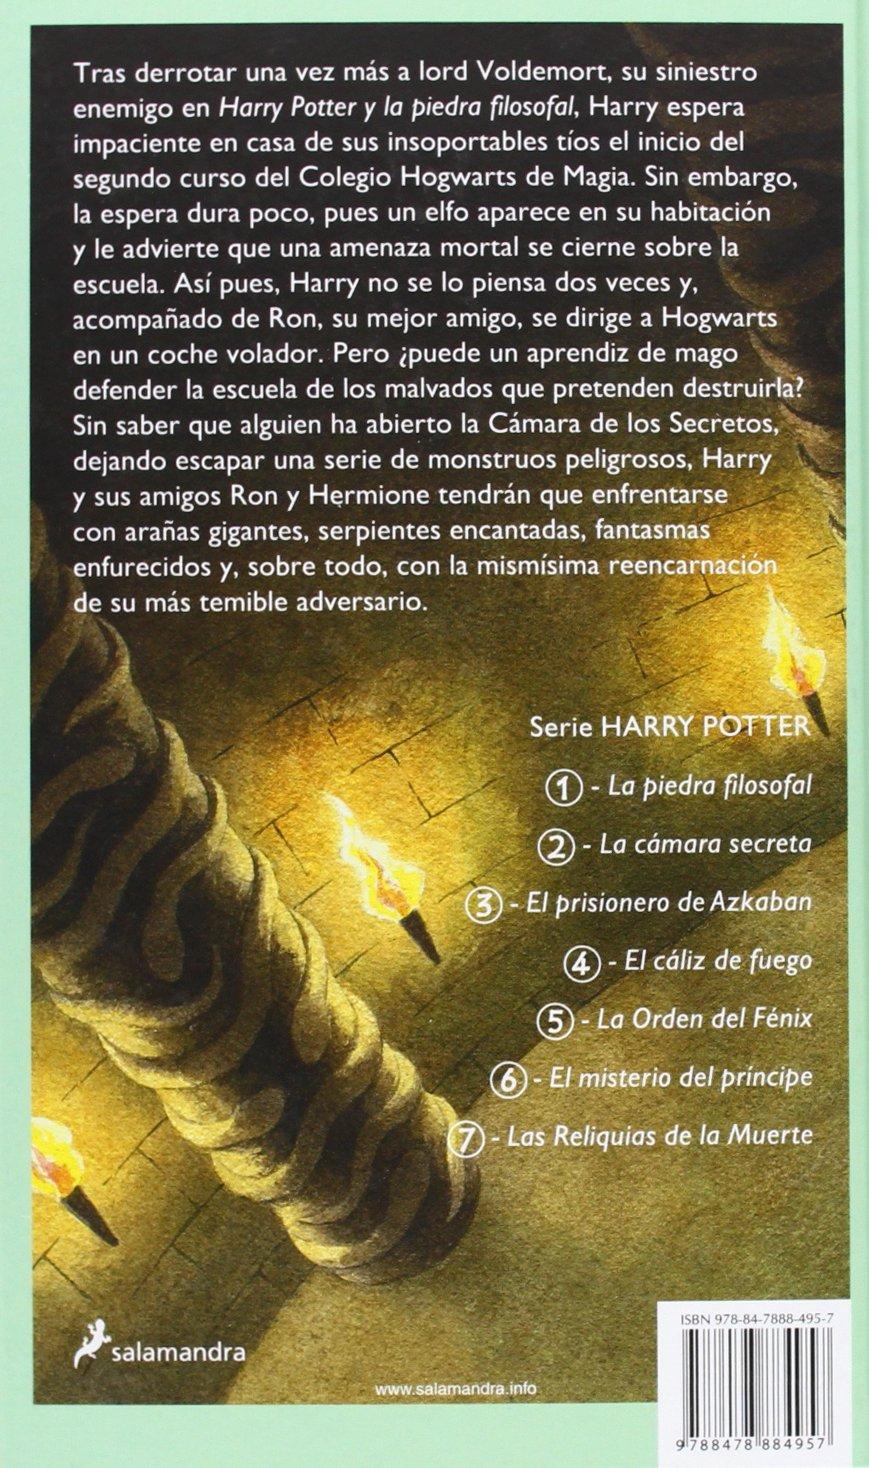 Harry Potter y La Camara Secreta: Amazon.es: Rowling, J.K. ...